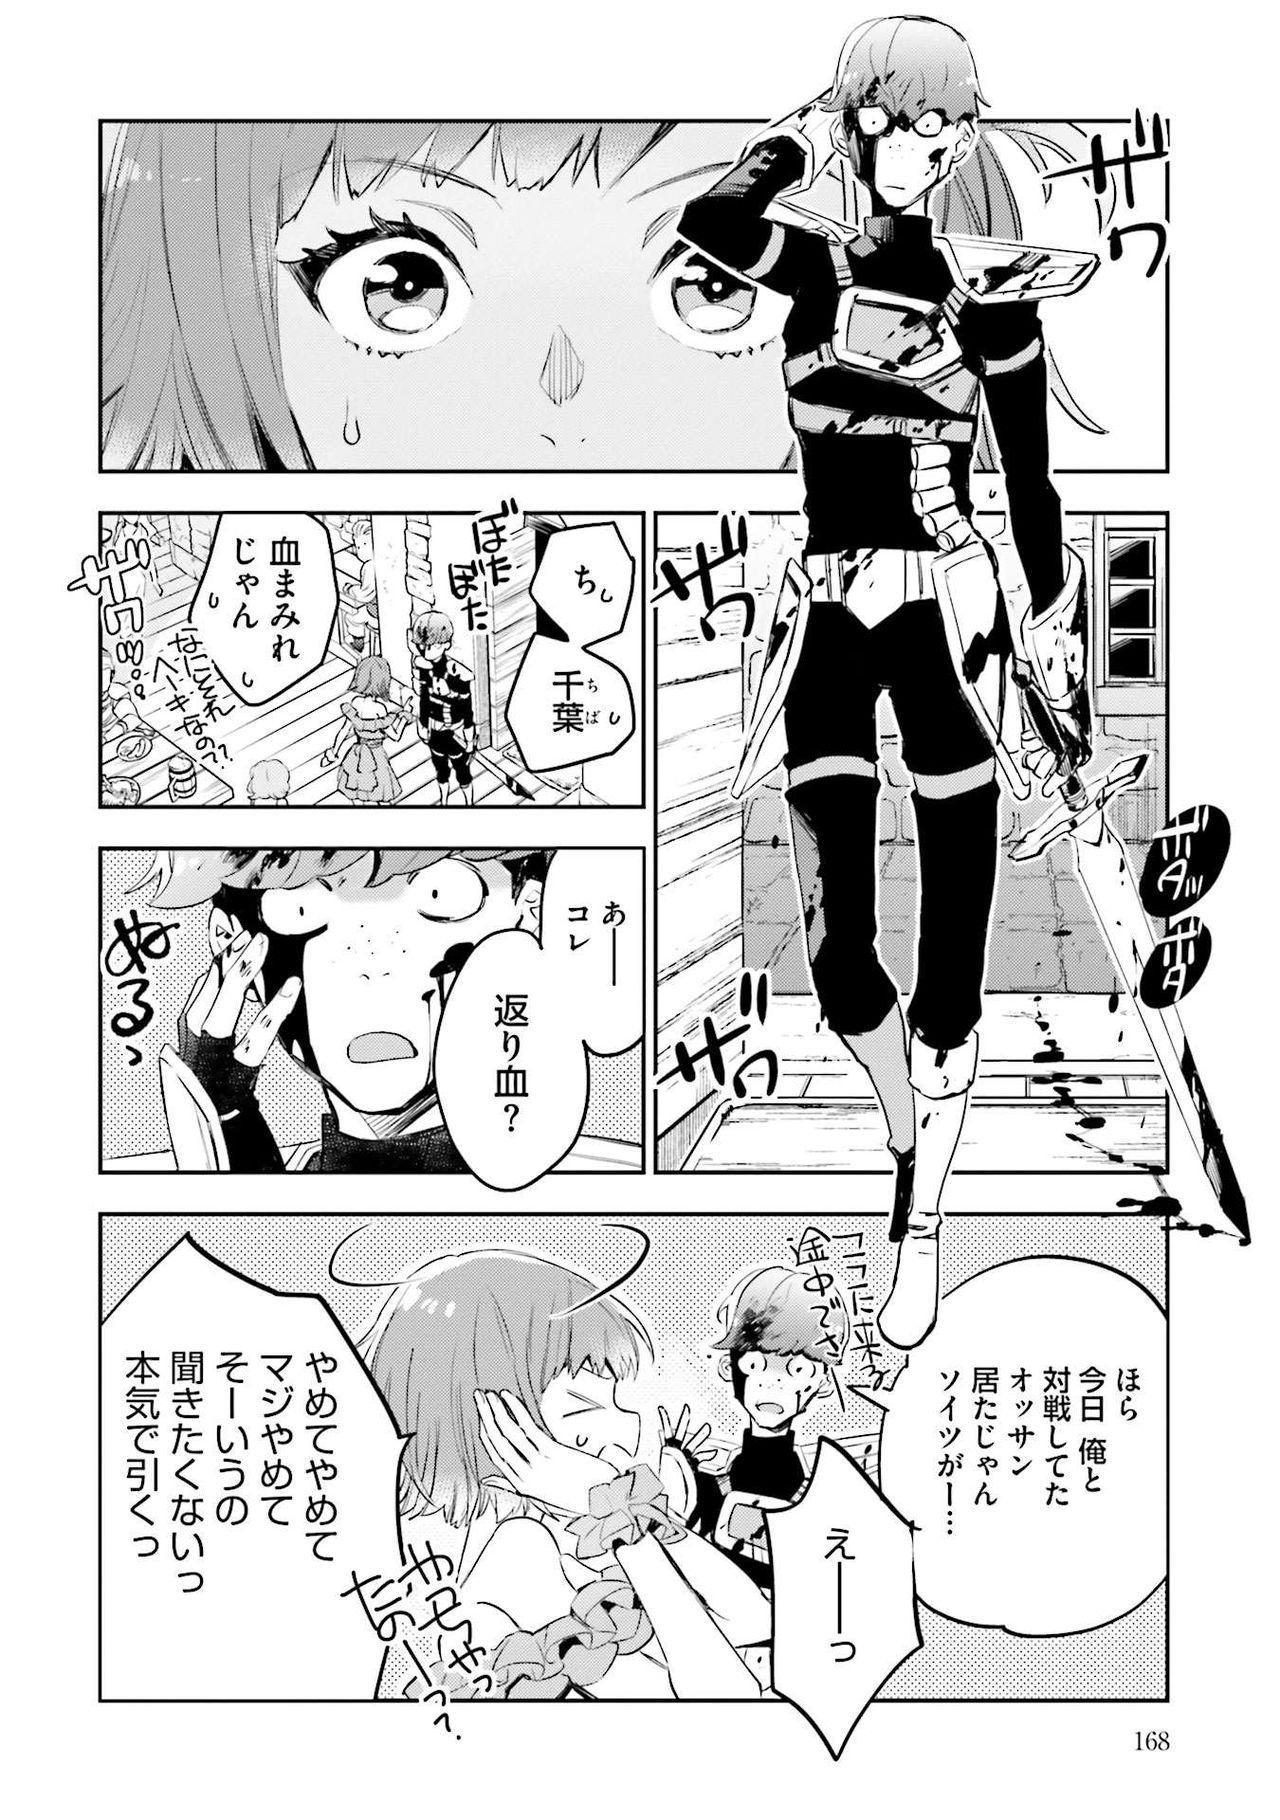 JK Haru wa Isekai de Shoufu ni Natta 1-14 169